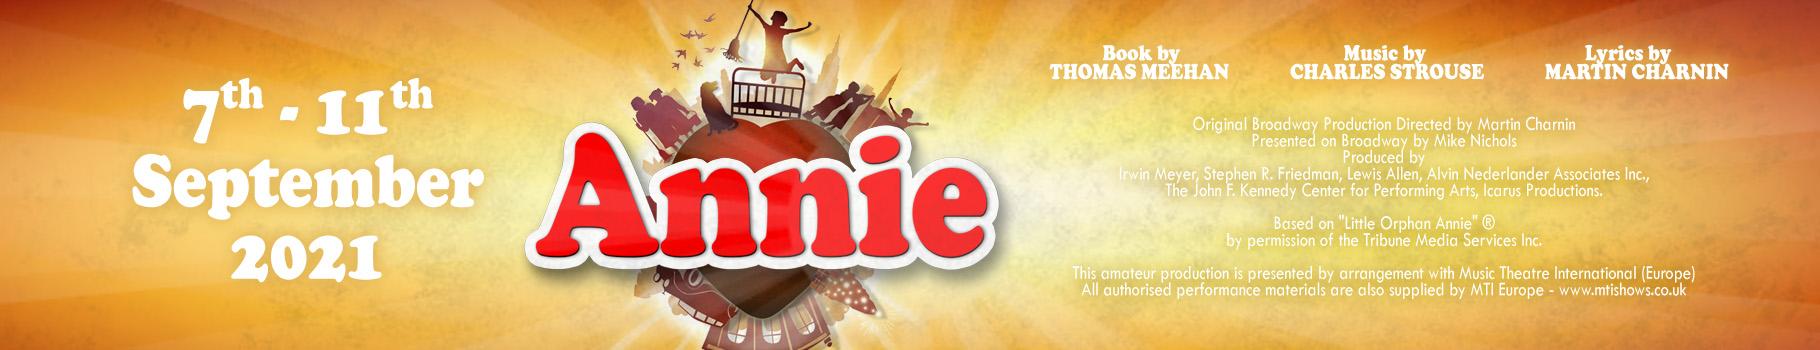 21-09 Annie LAOS Web Banner